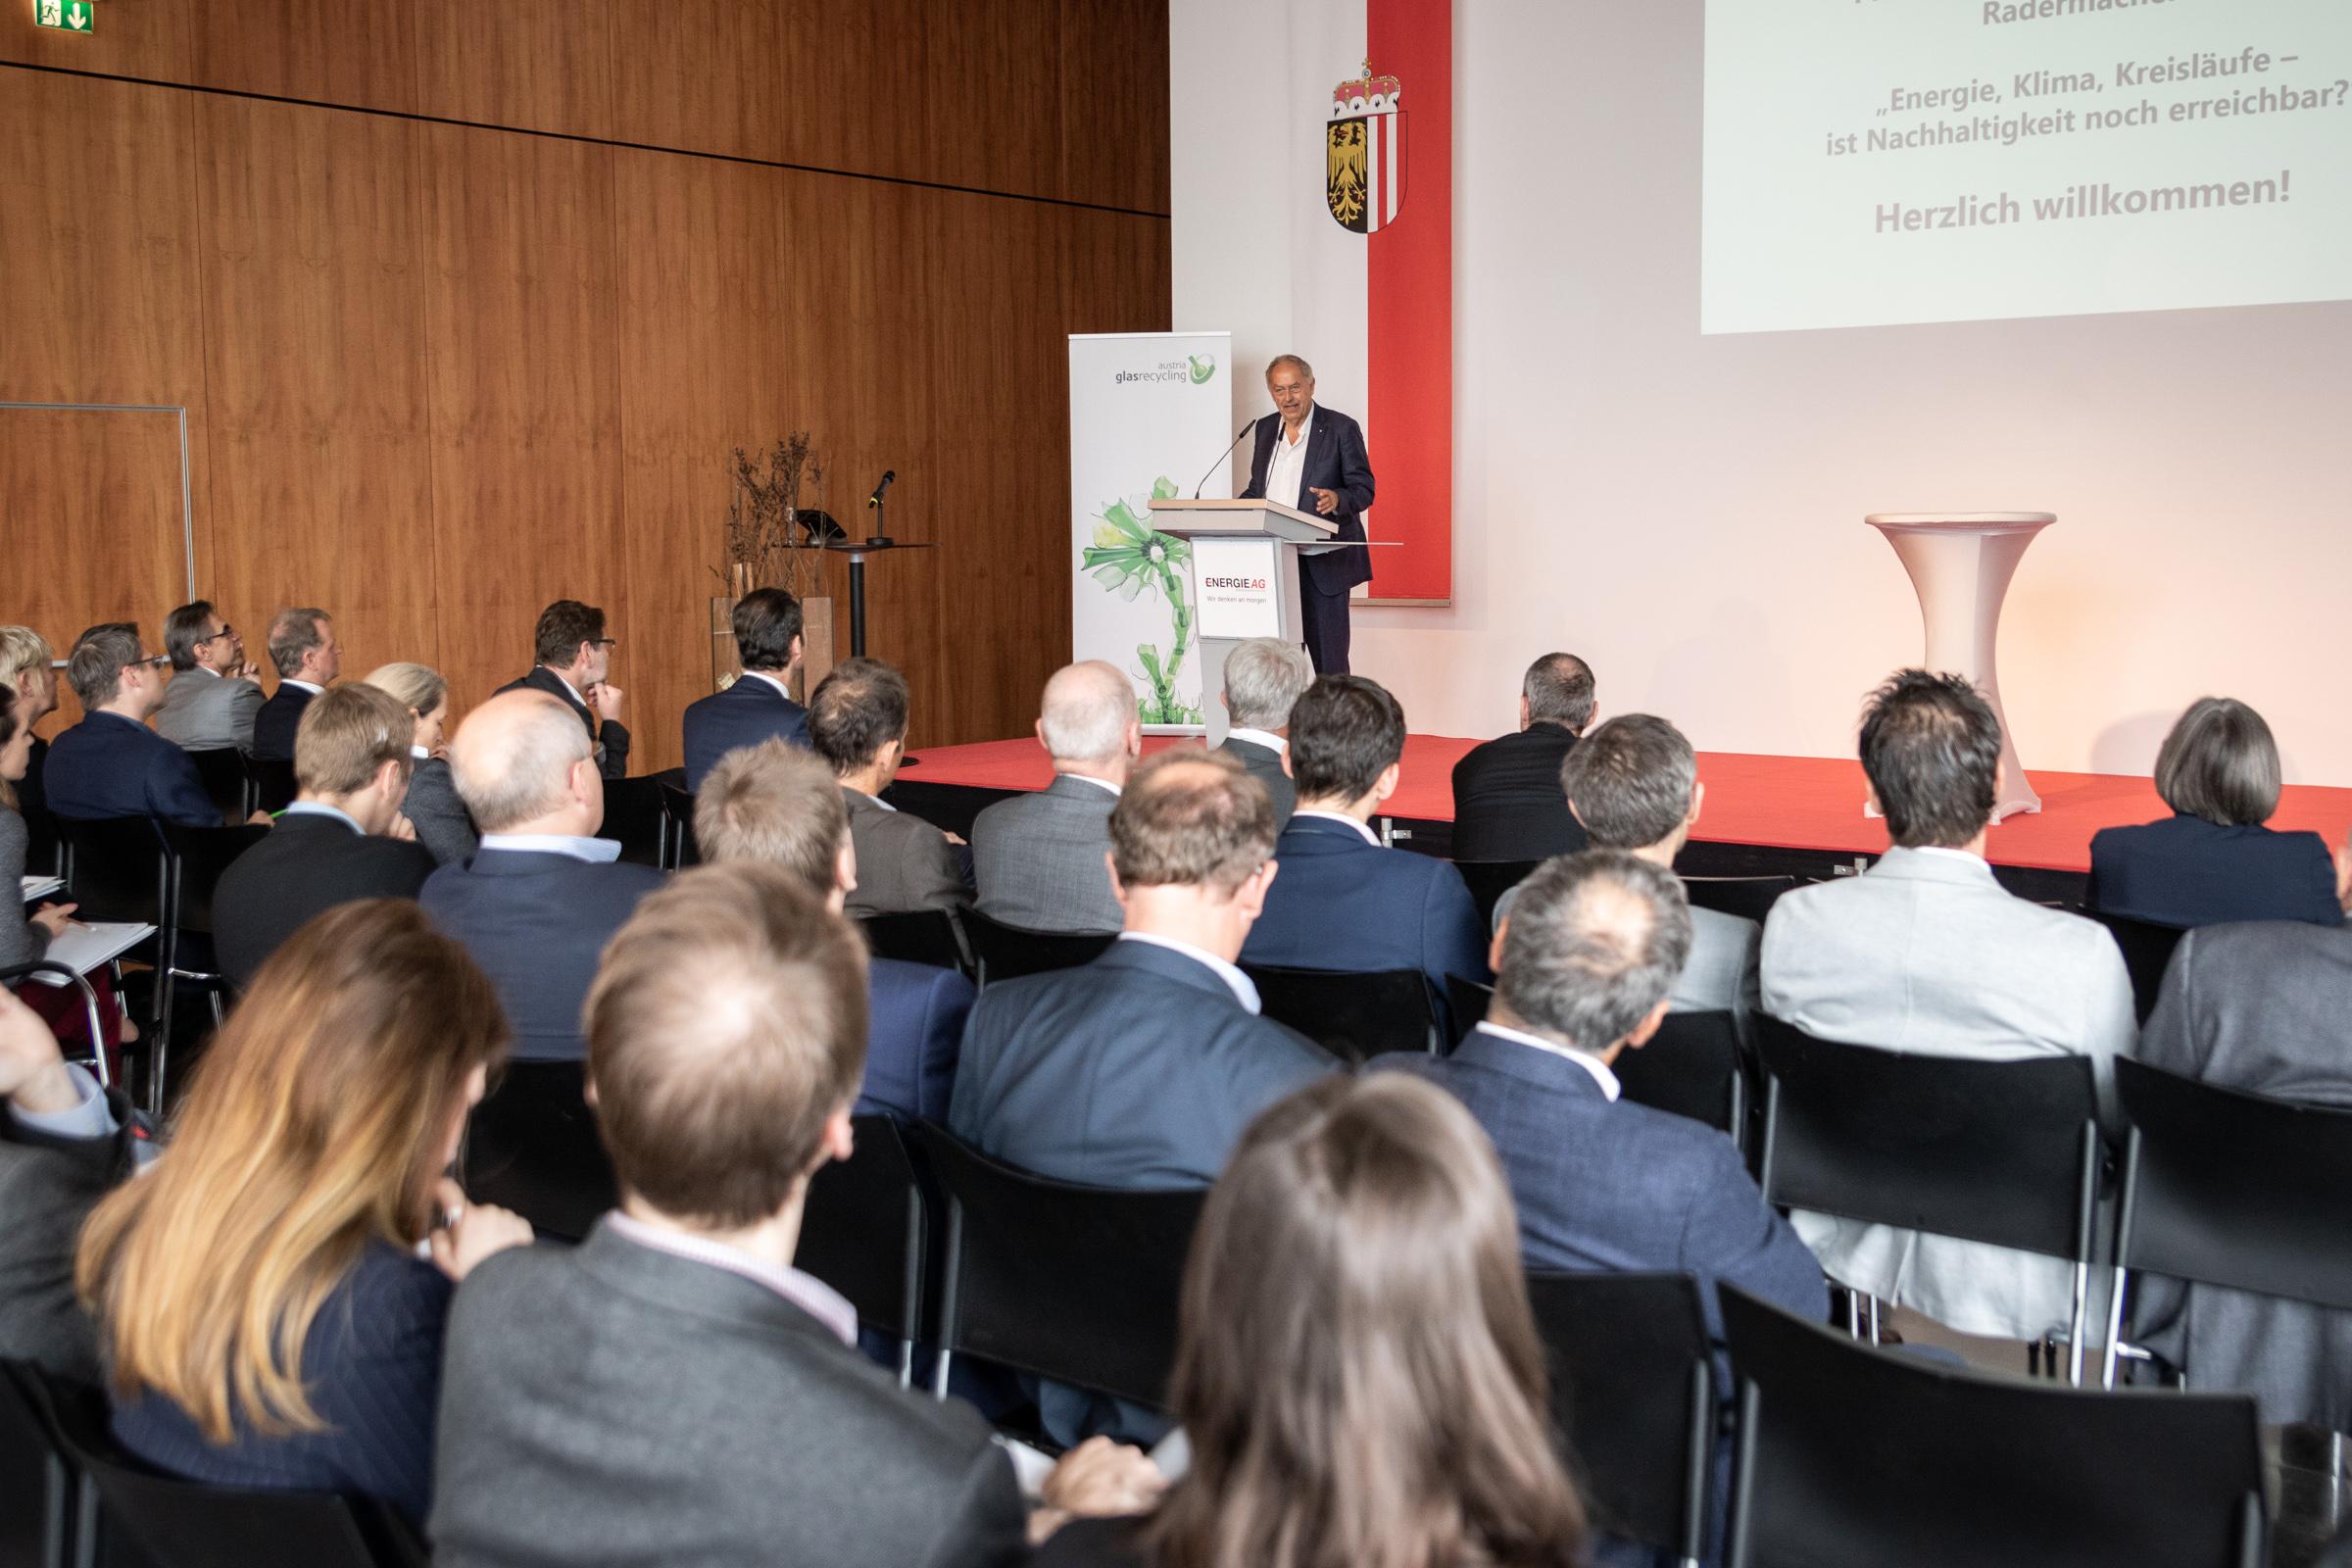 Franz-Josef Radermacher und Gäste beim 13. Austria Glas ReCIRCLE